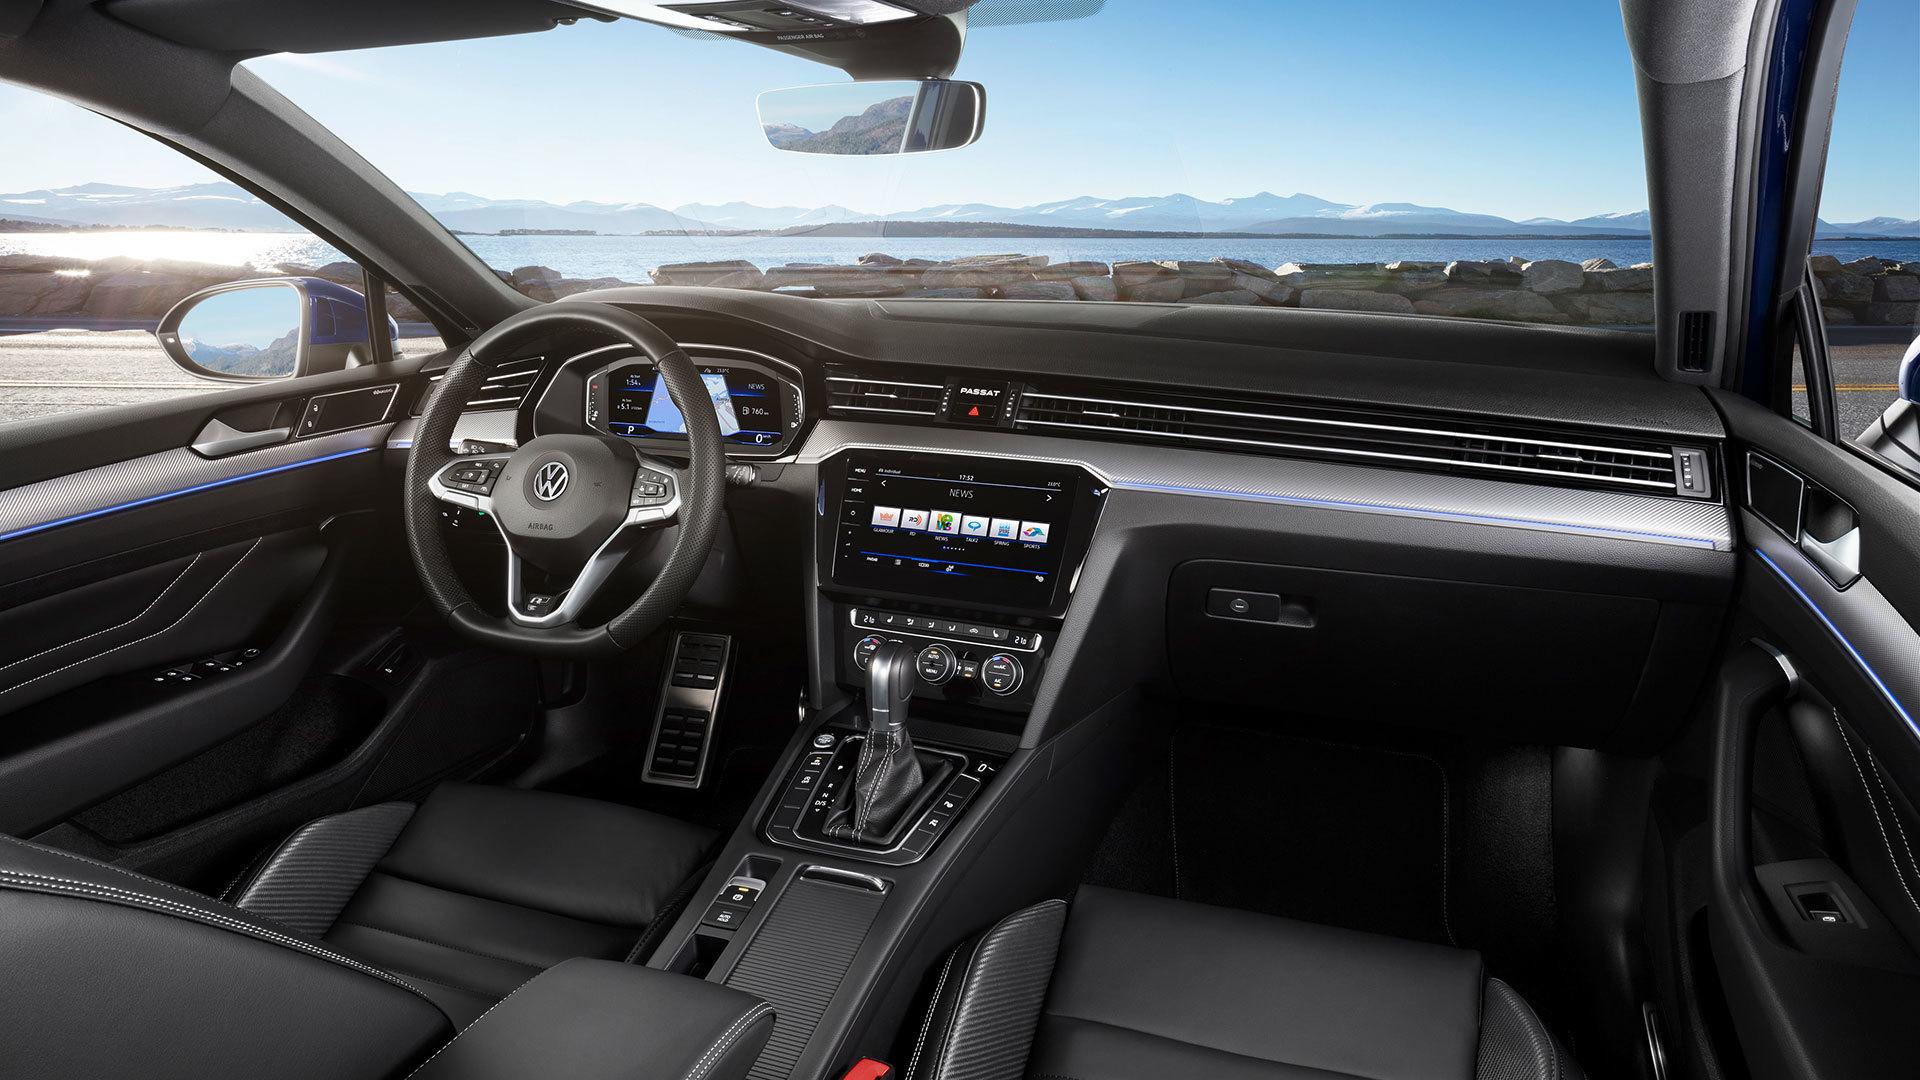 Volkswagen Passat 2019 Interior 01